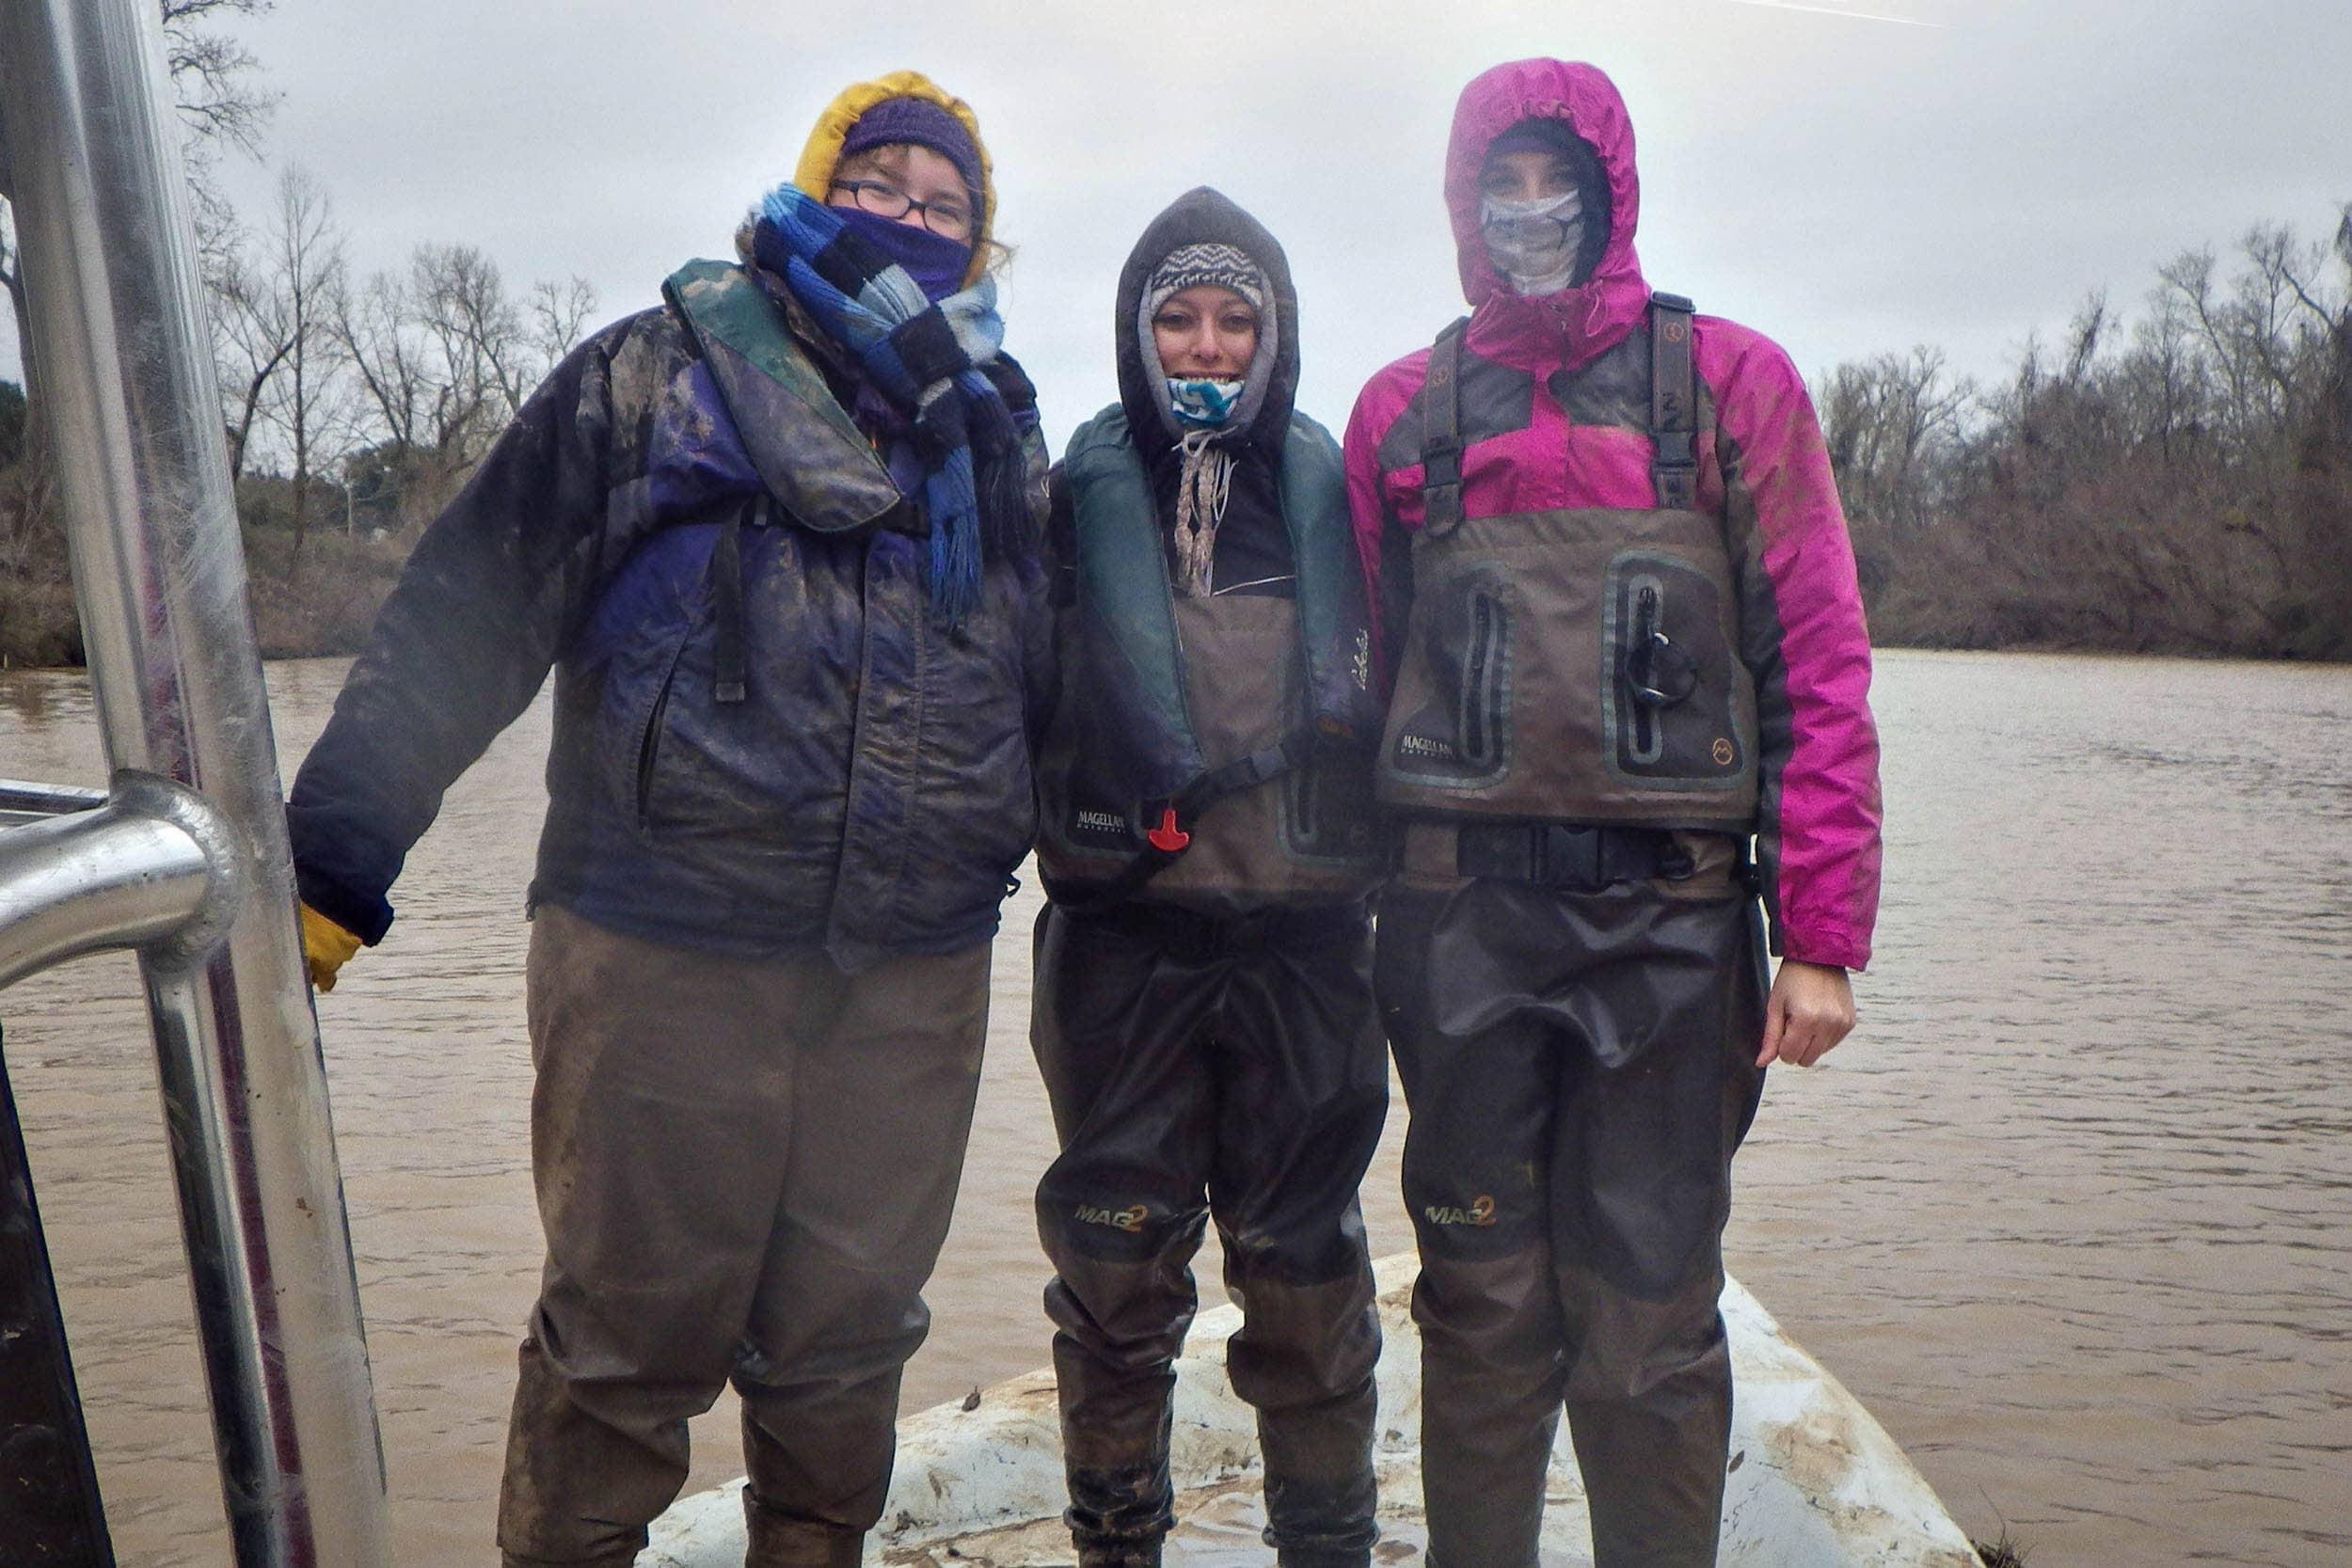 The beam trawl crew: Natasha Zarnstorff, Sherah Loe and Josi Robertson